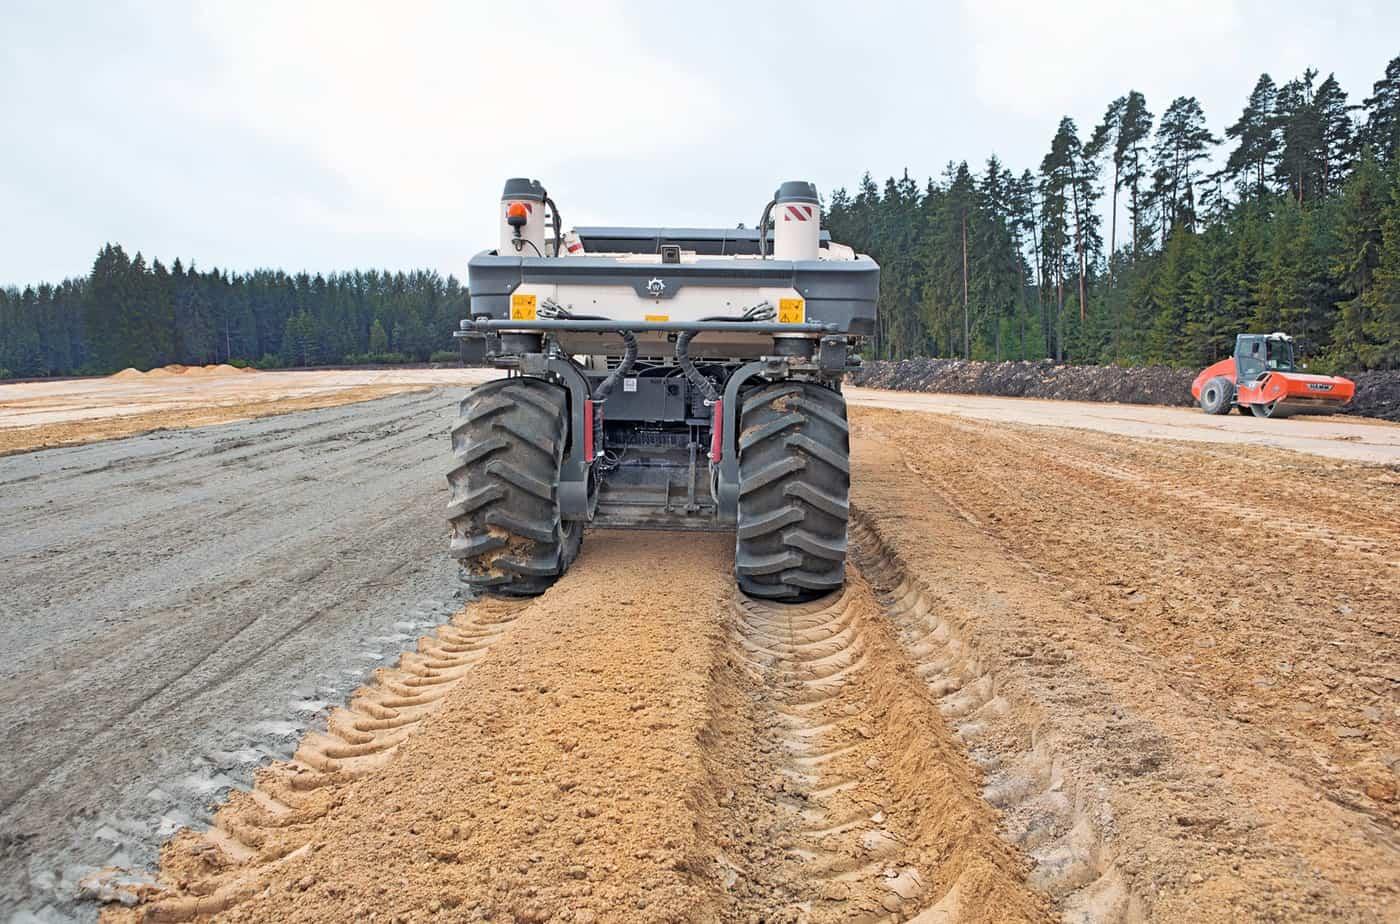 Le nuove motorizzazioni offrono una potenza adeguata anche durante i passaggi di stabilizzazione più impegnativi in cui si arriva alla massima profondità